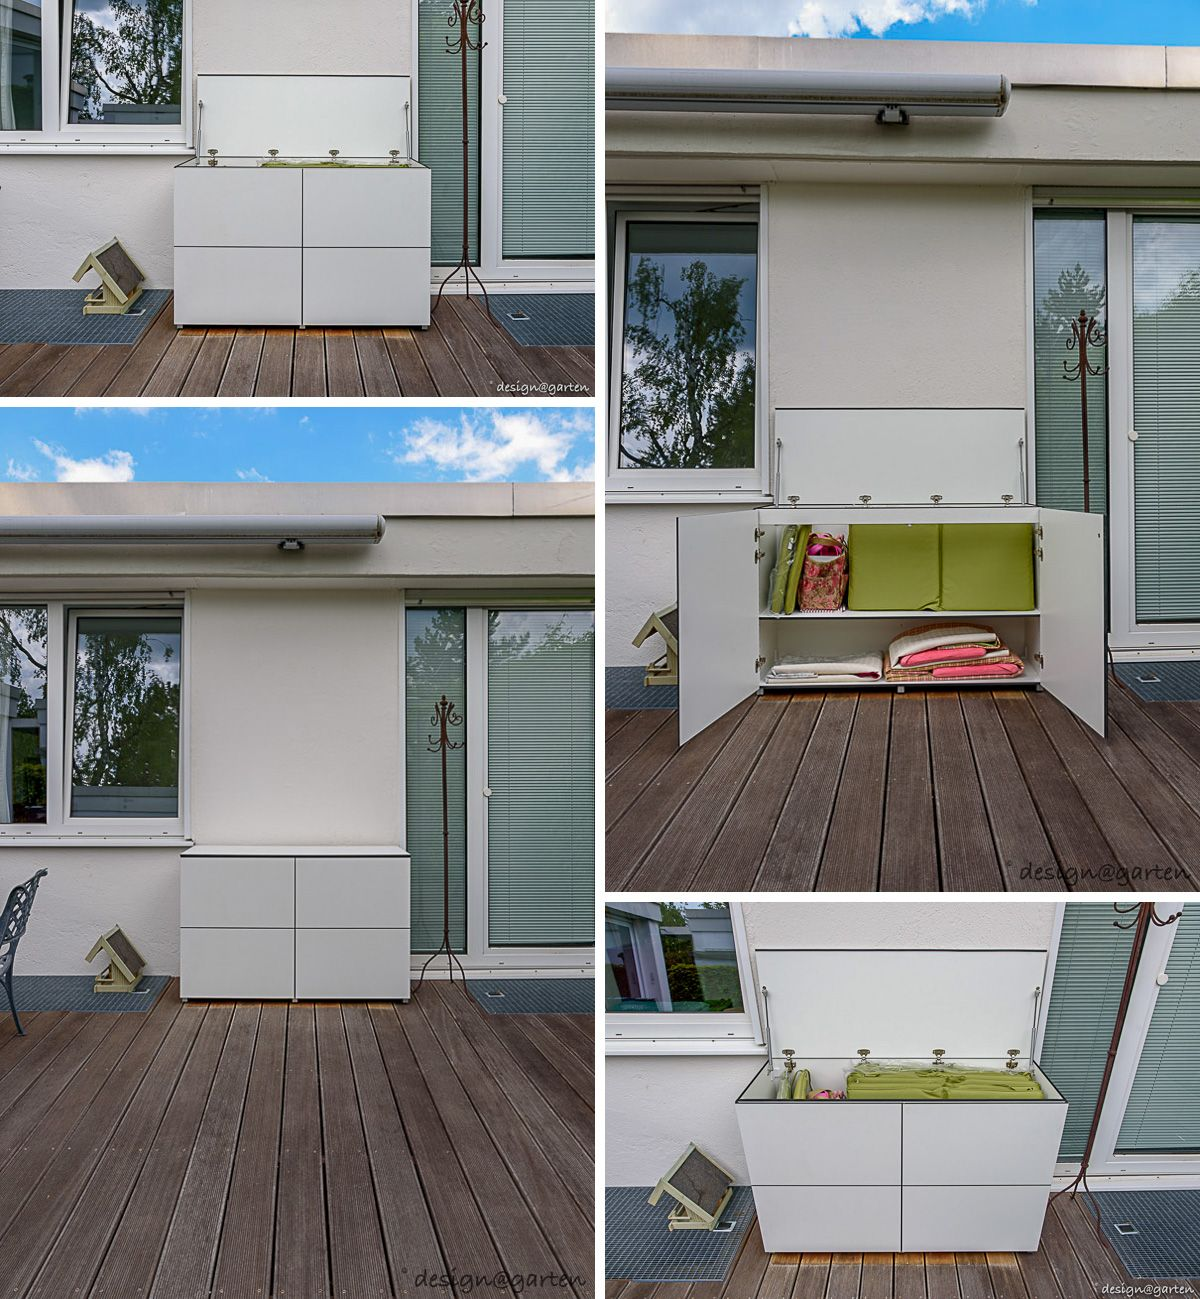 Balkonschrank Terrassenschrank Win By Design Garten Augsburg Mit Turen Tip On Und Klappe Farbe Weiss Wetterfest Gartenschrank Balkonschrank Garten